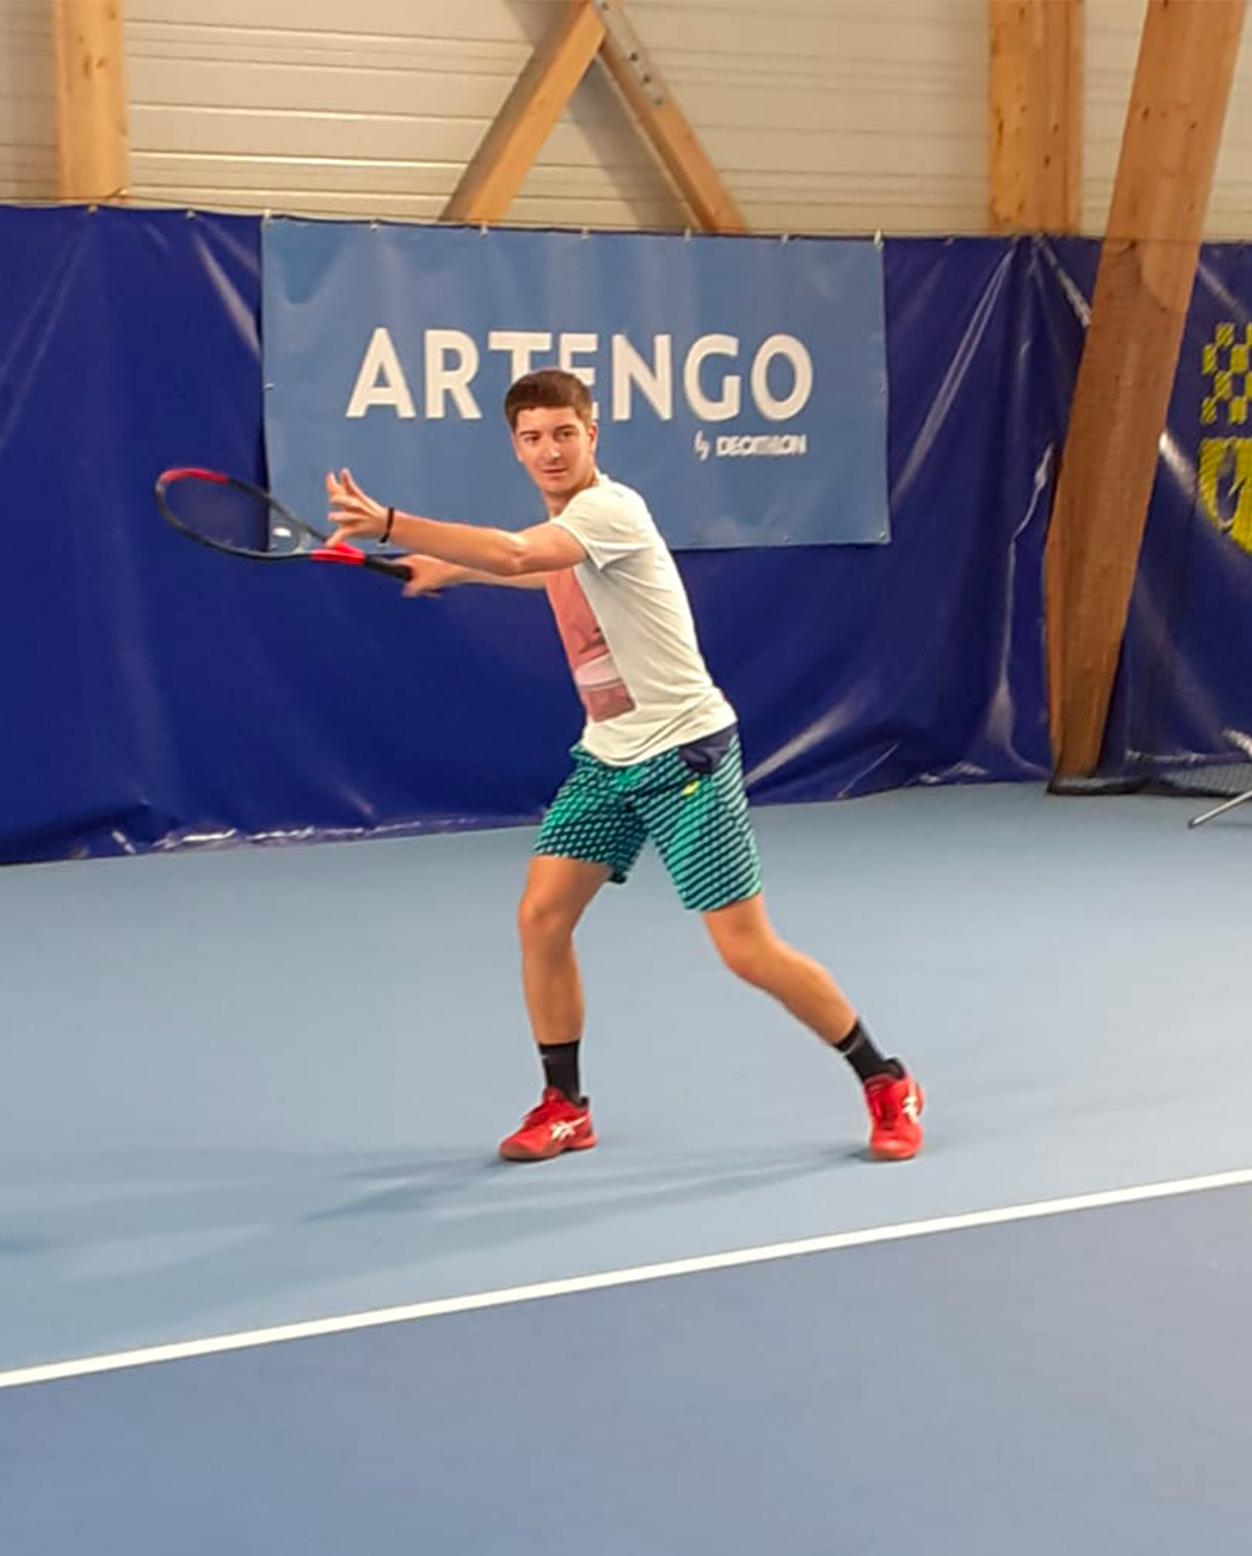 https://www.team-bms-tennis.fr/wp-content/uploads/2020/10/IgorMarc.jpg